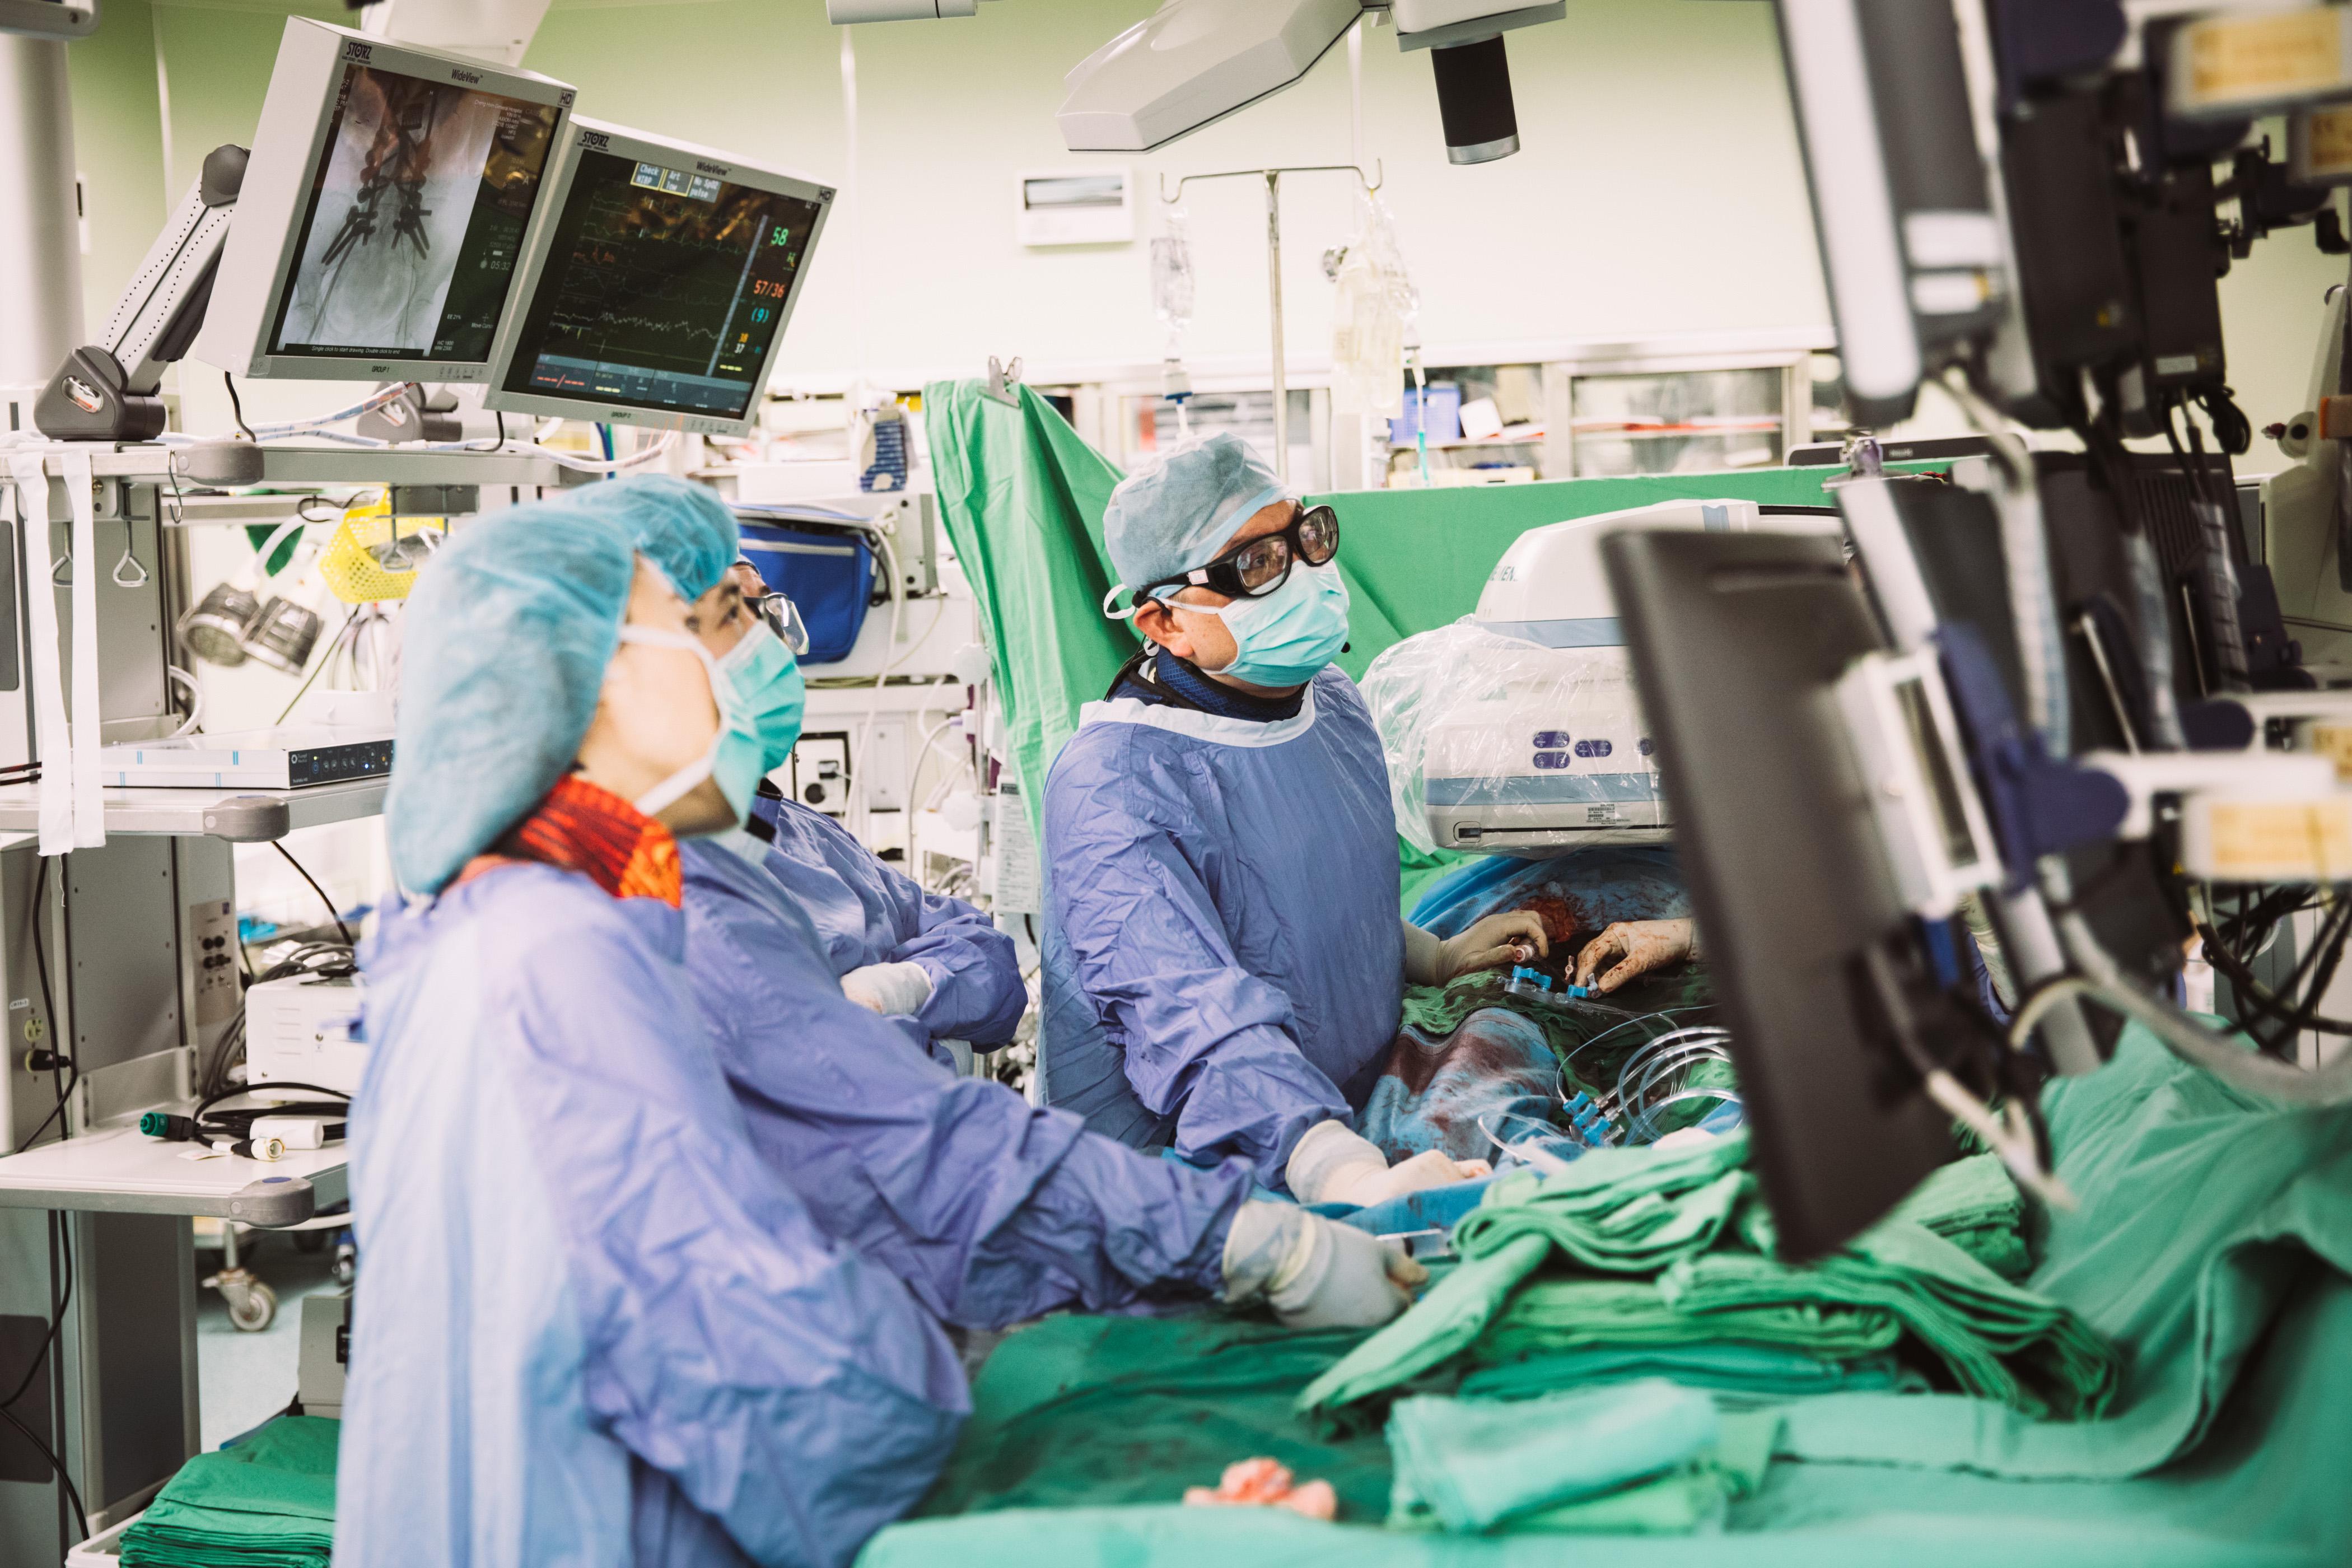 振興醫院心臟醫學中心團隊合照。團隊由魏崢院長領導,包含心臟內、外科及心臟復健等單位,